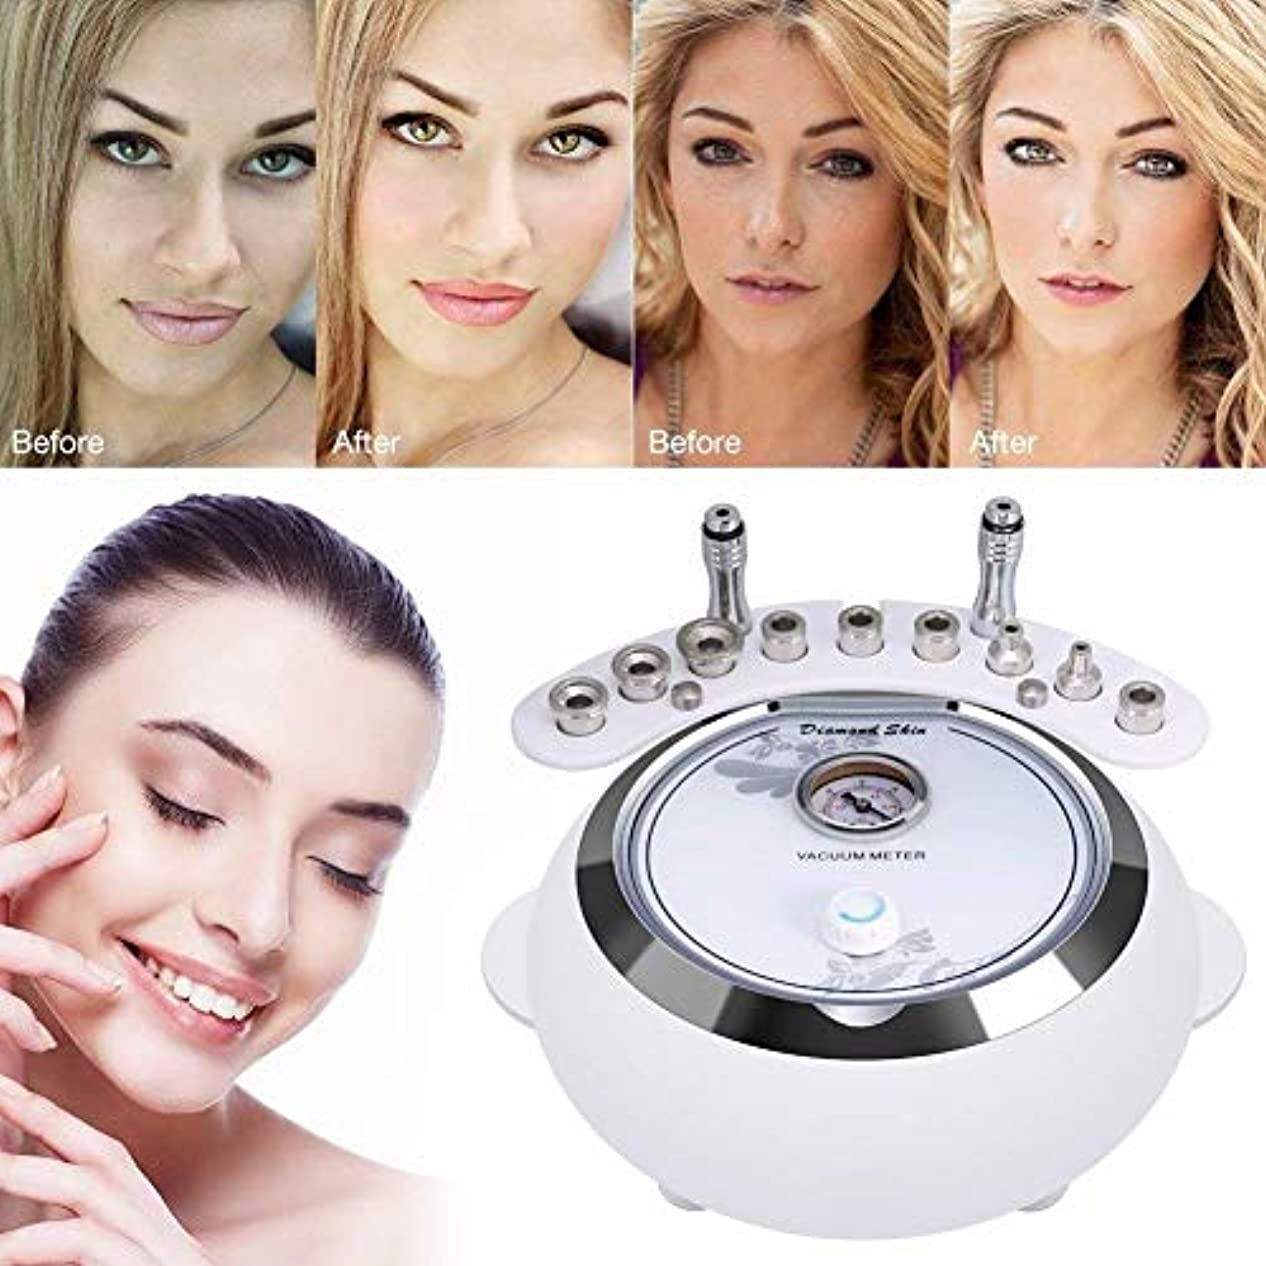 男らしさウェブ郵便番号1つのダイヤモンドのマイクロダーマブレーション機械に付き3つ、顔のスキンケアの大広間装置w/掃除機をかけて強い吸引力のダイヤモンドの頭部の美装置